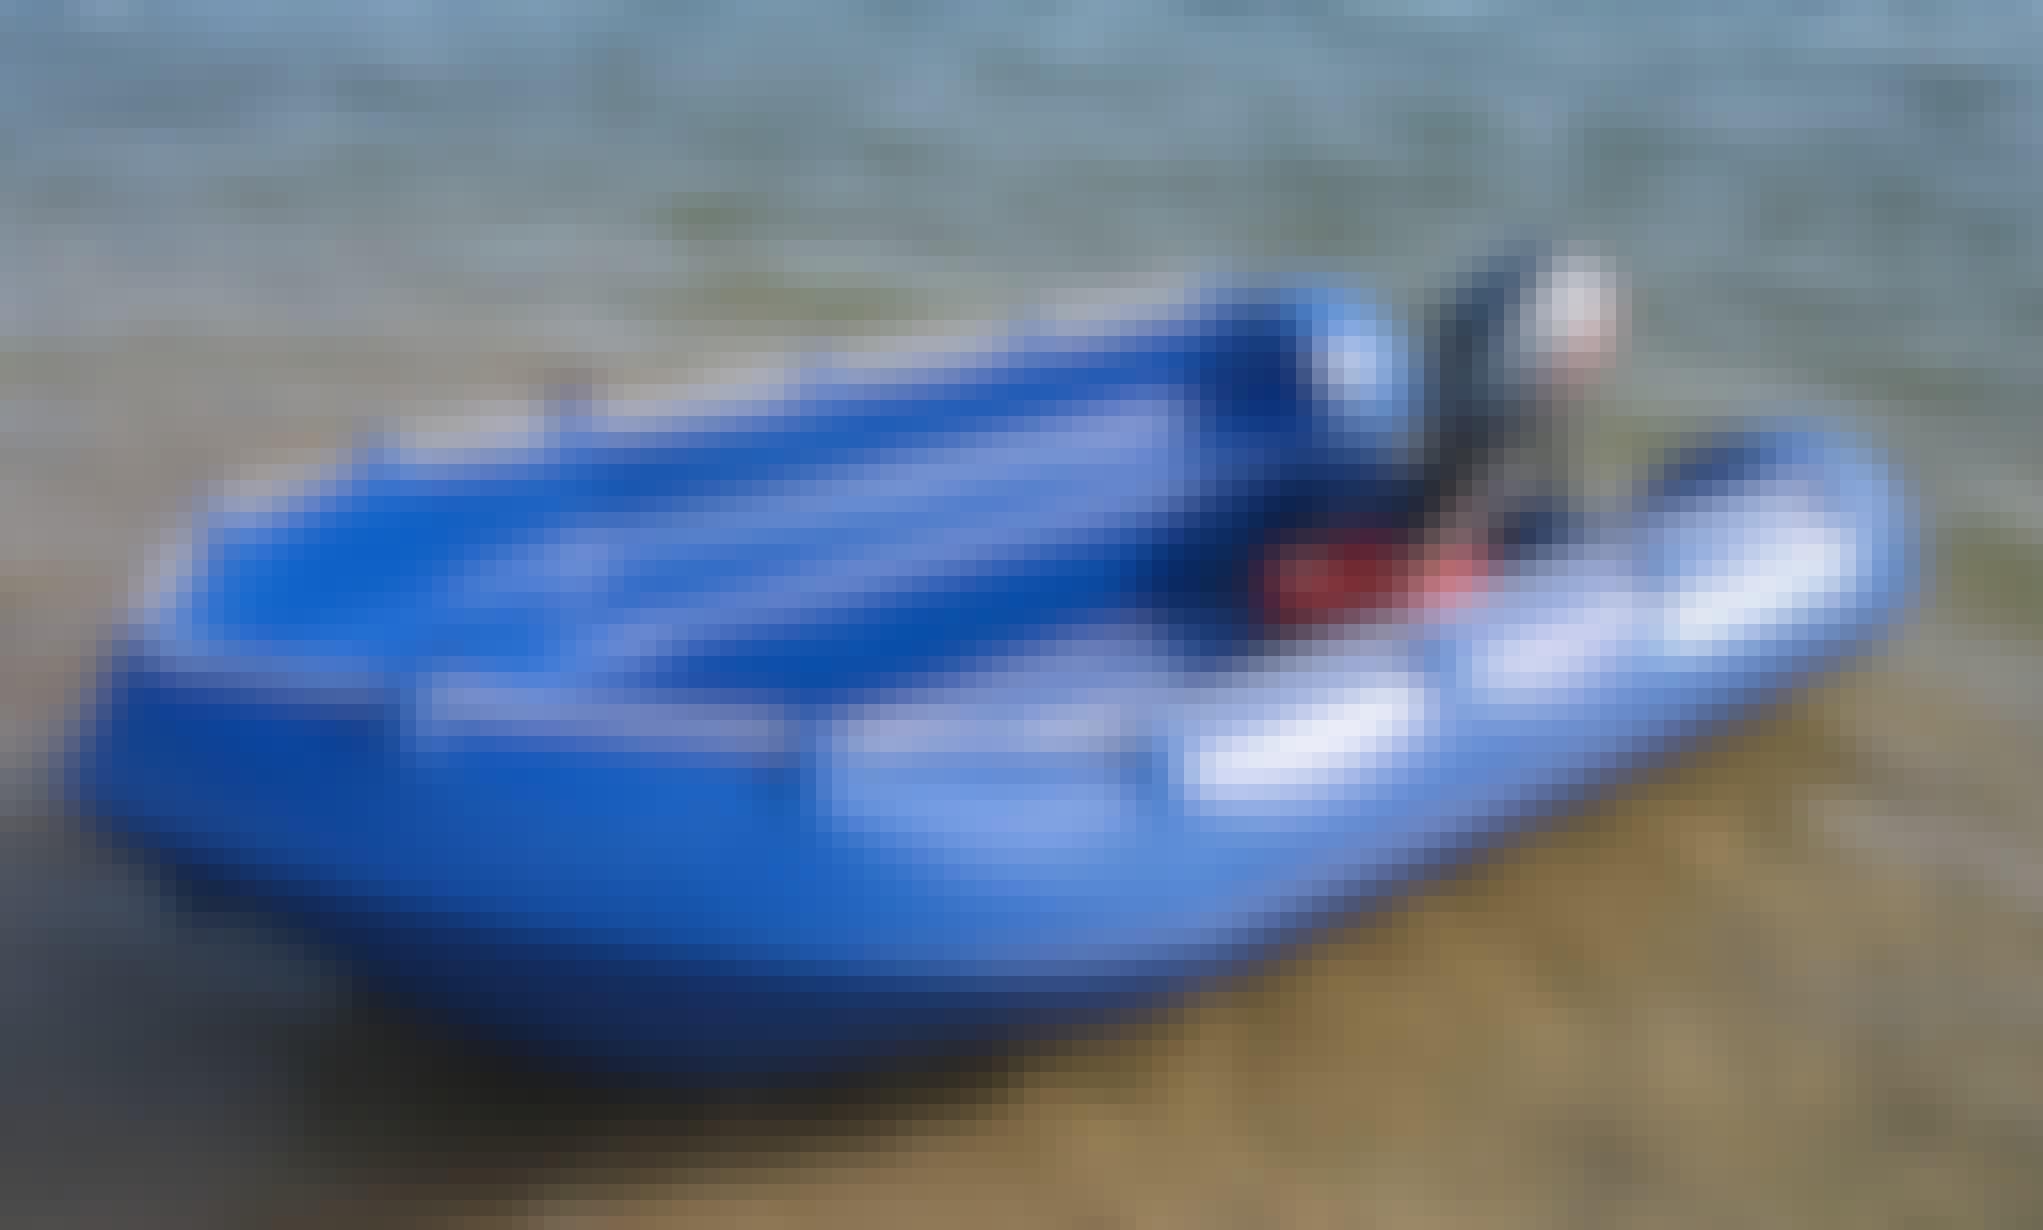 Skipper the Whaly Boats in Zeewolde